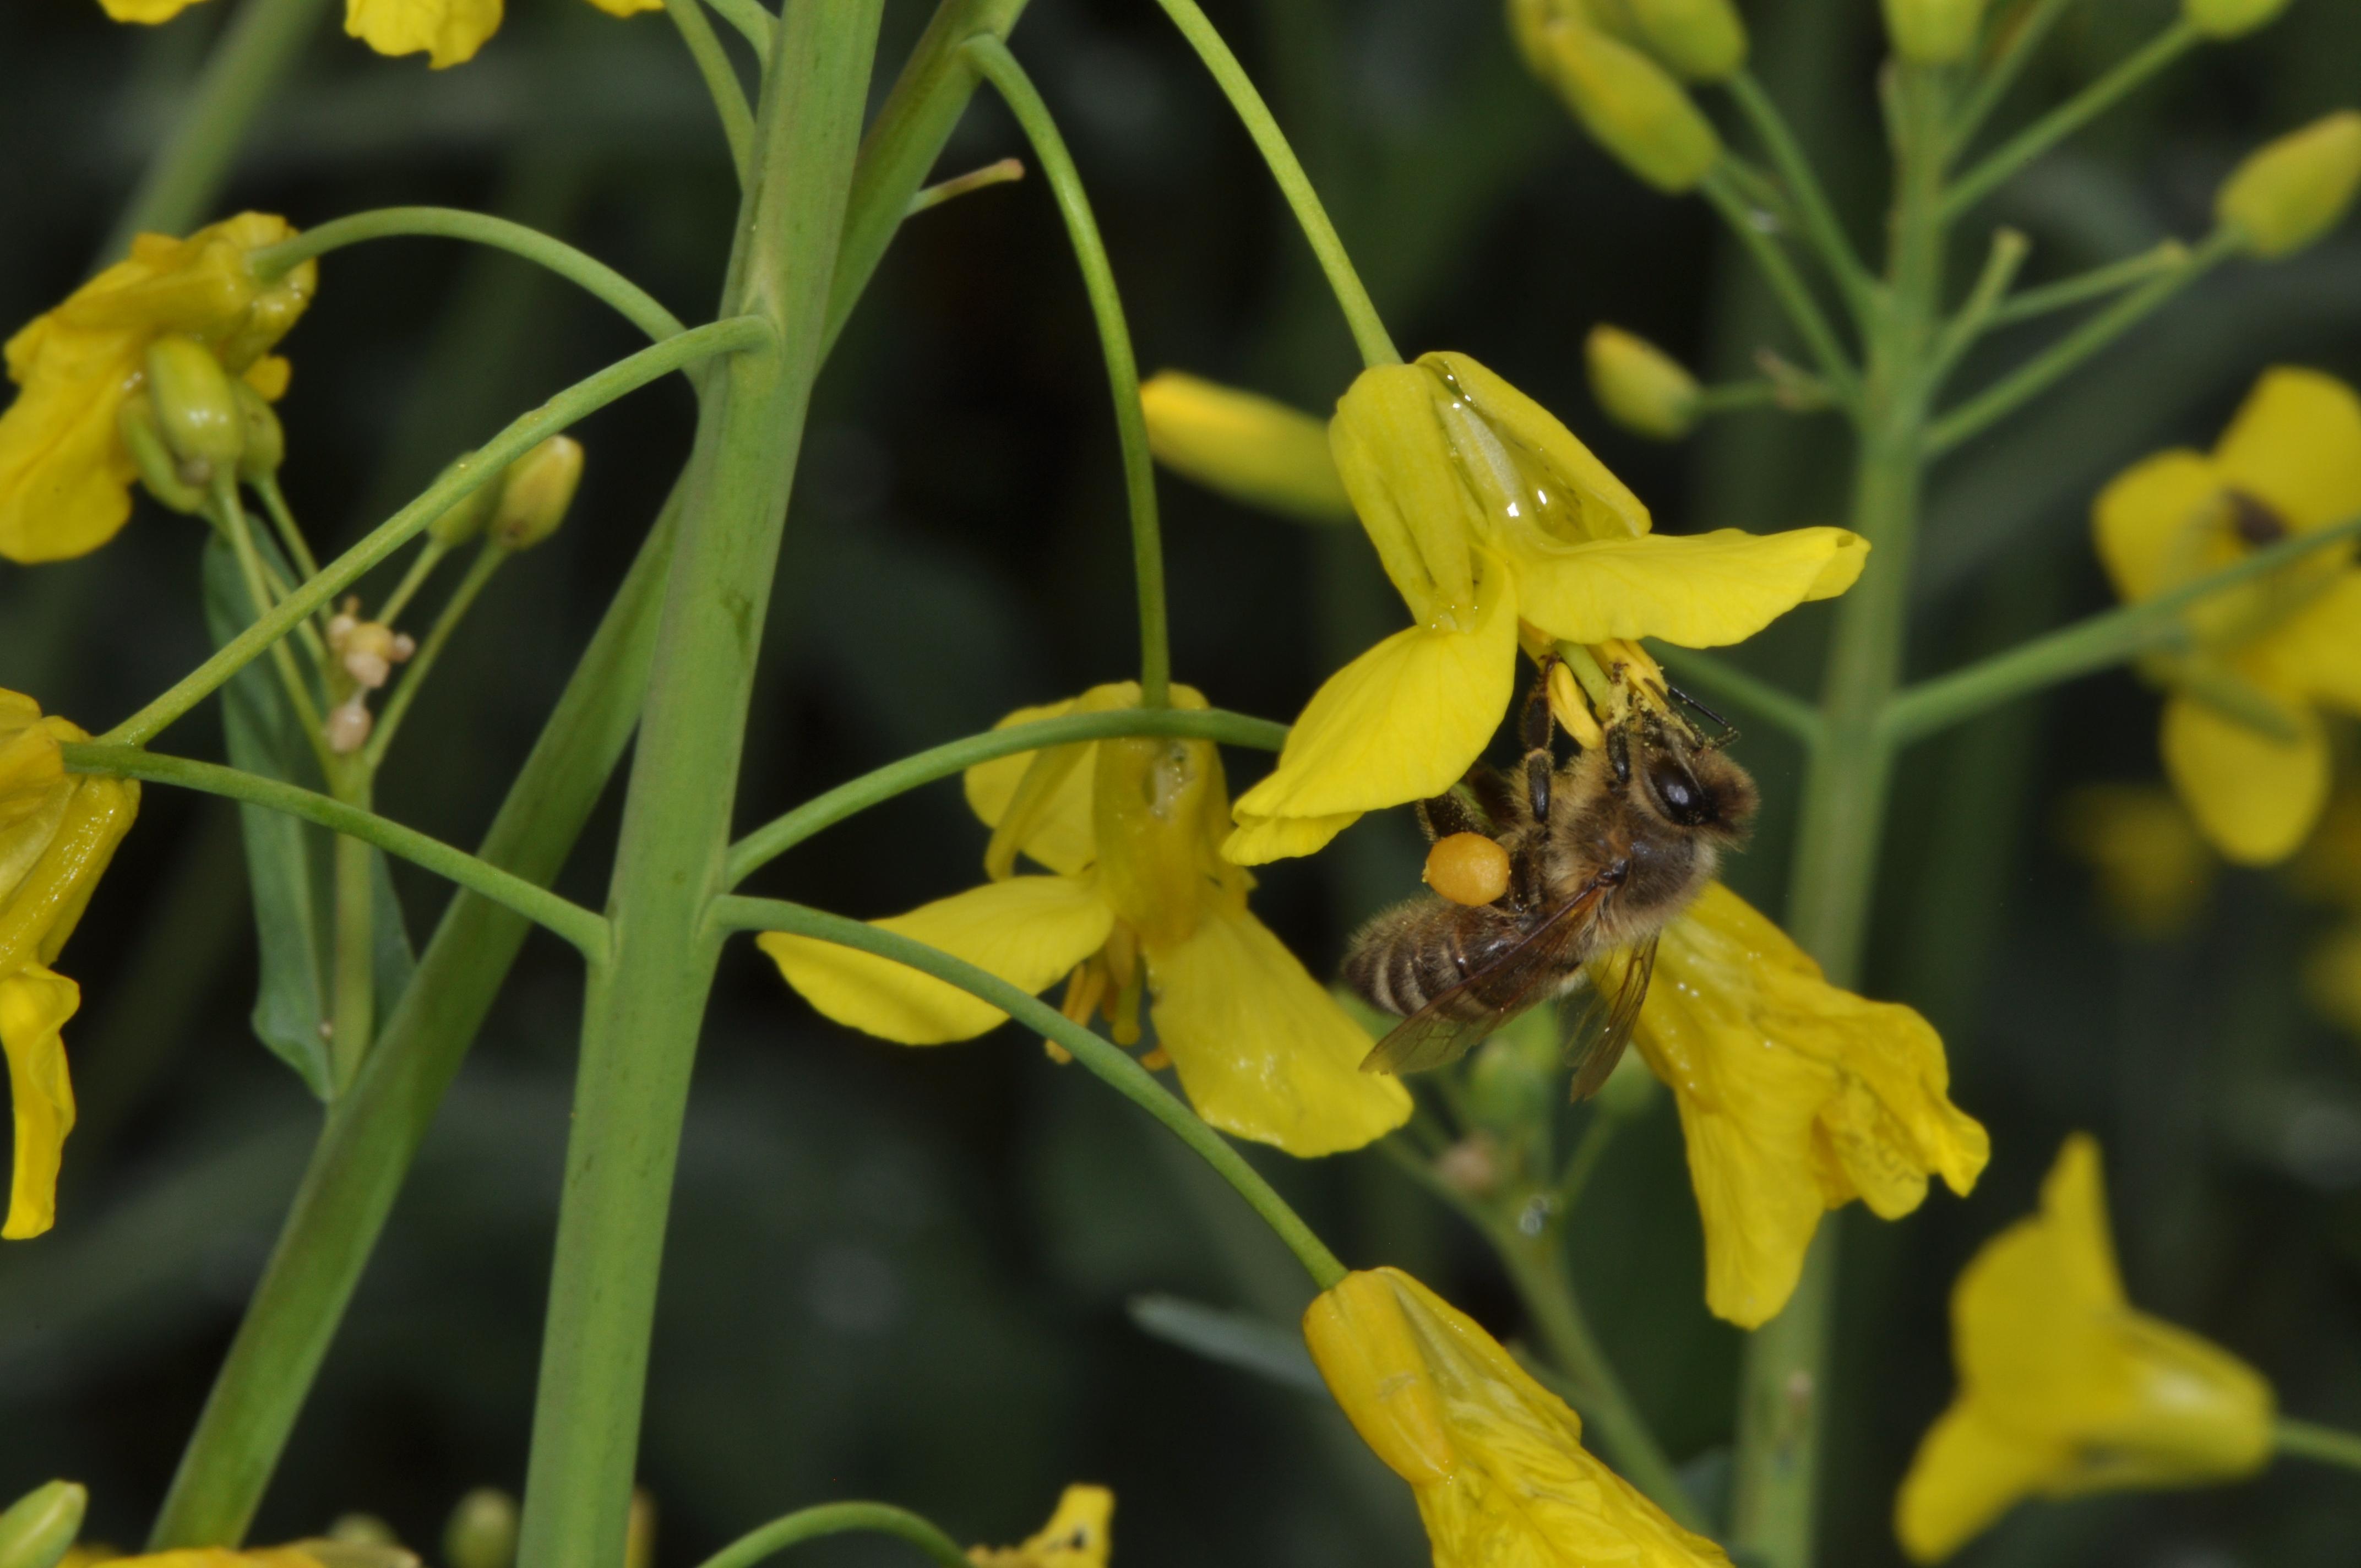 Programme de sauvetage des abeilles dans le canton de for Ouvrir un lien dans une nouvelle fenetre html